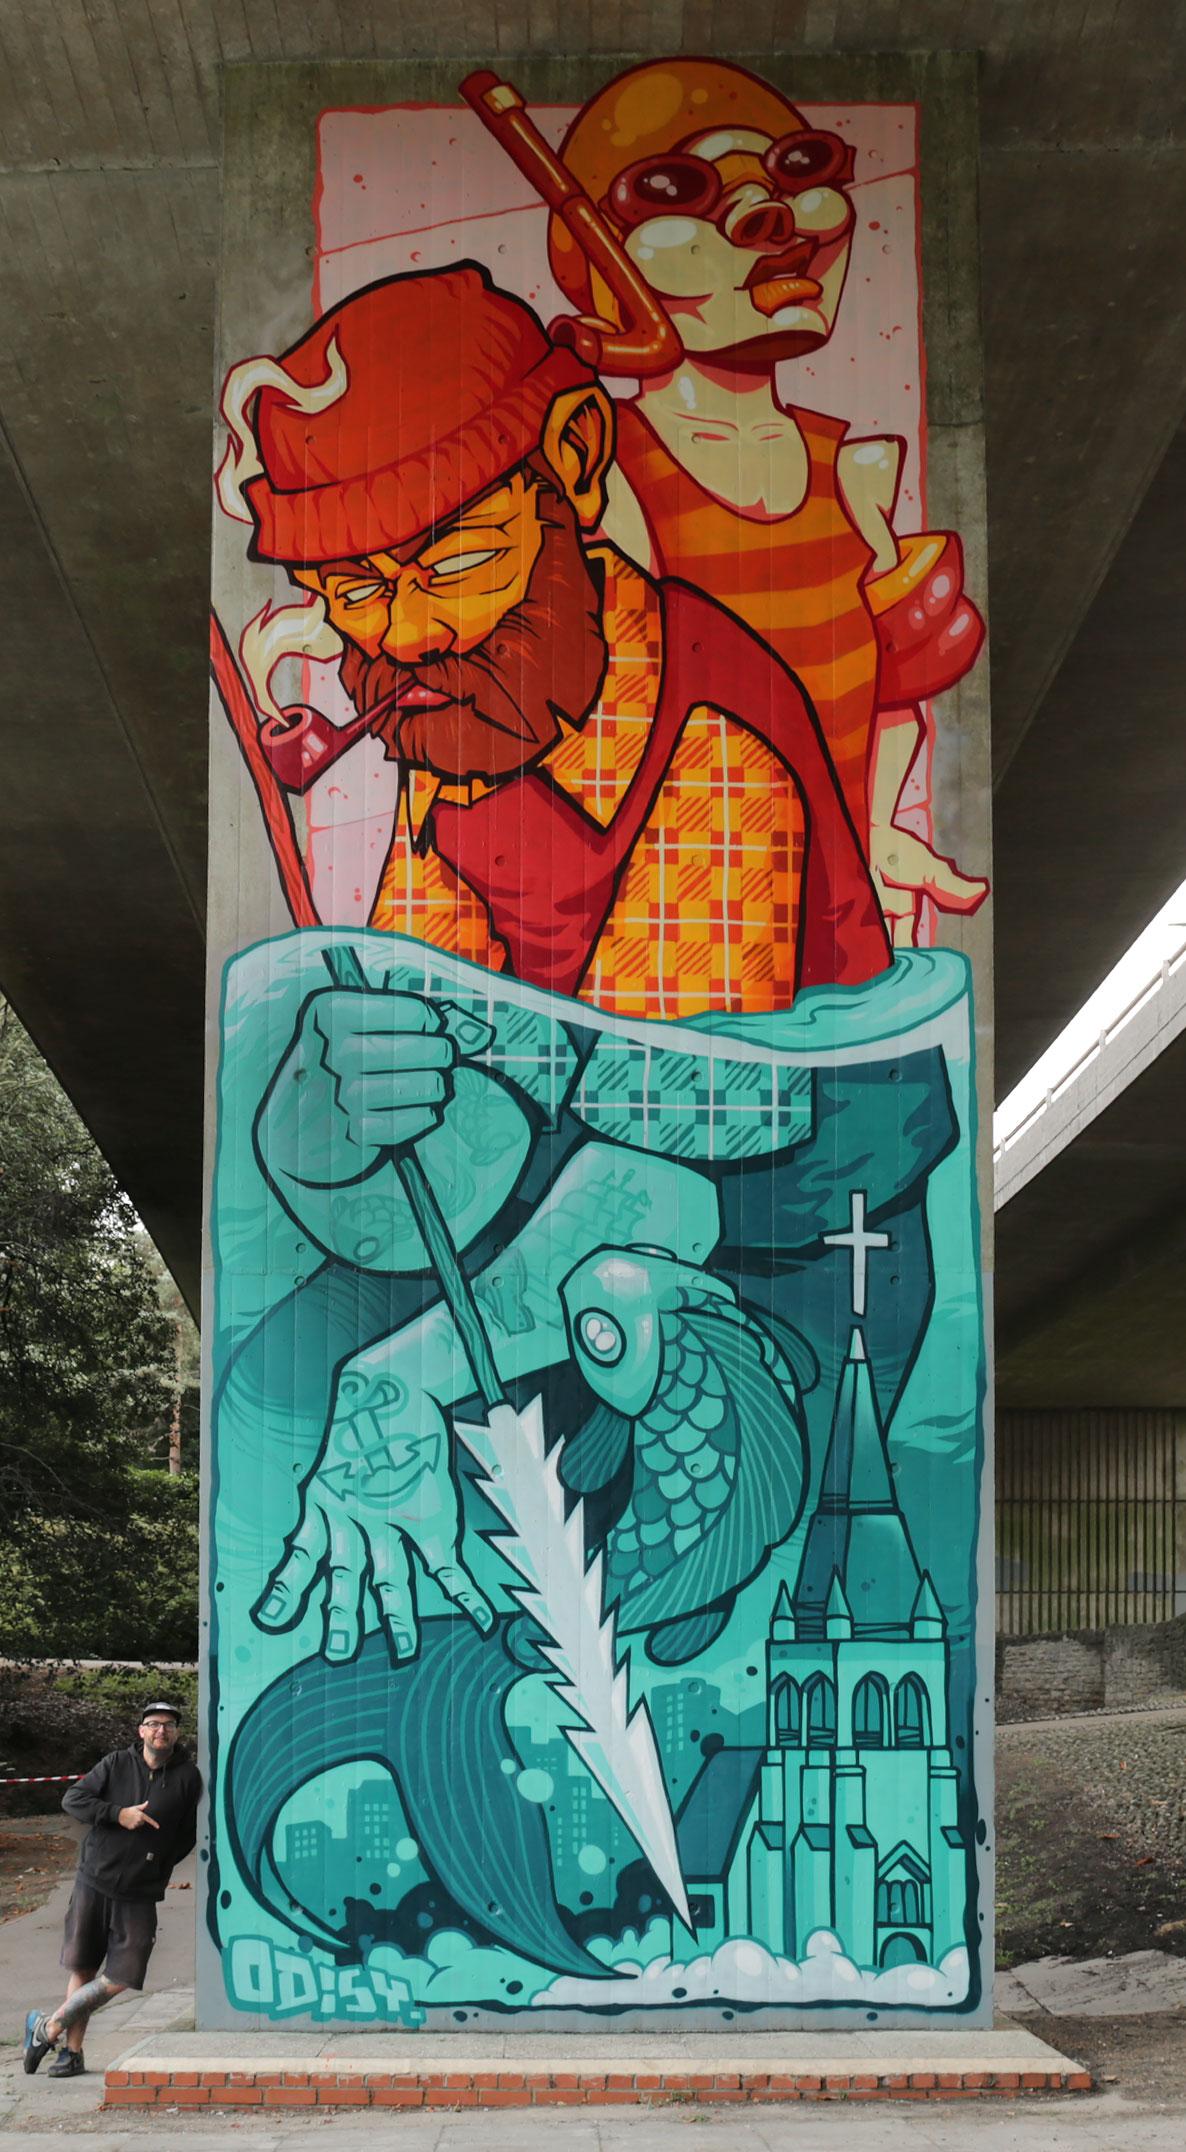 Tattoo artistAlex Odisy graffiti mural at Upside Gallery